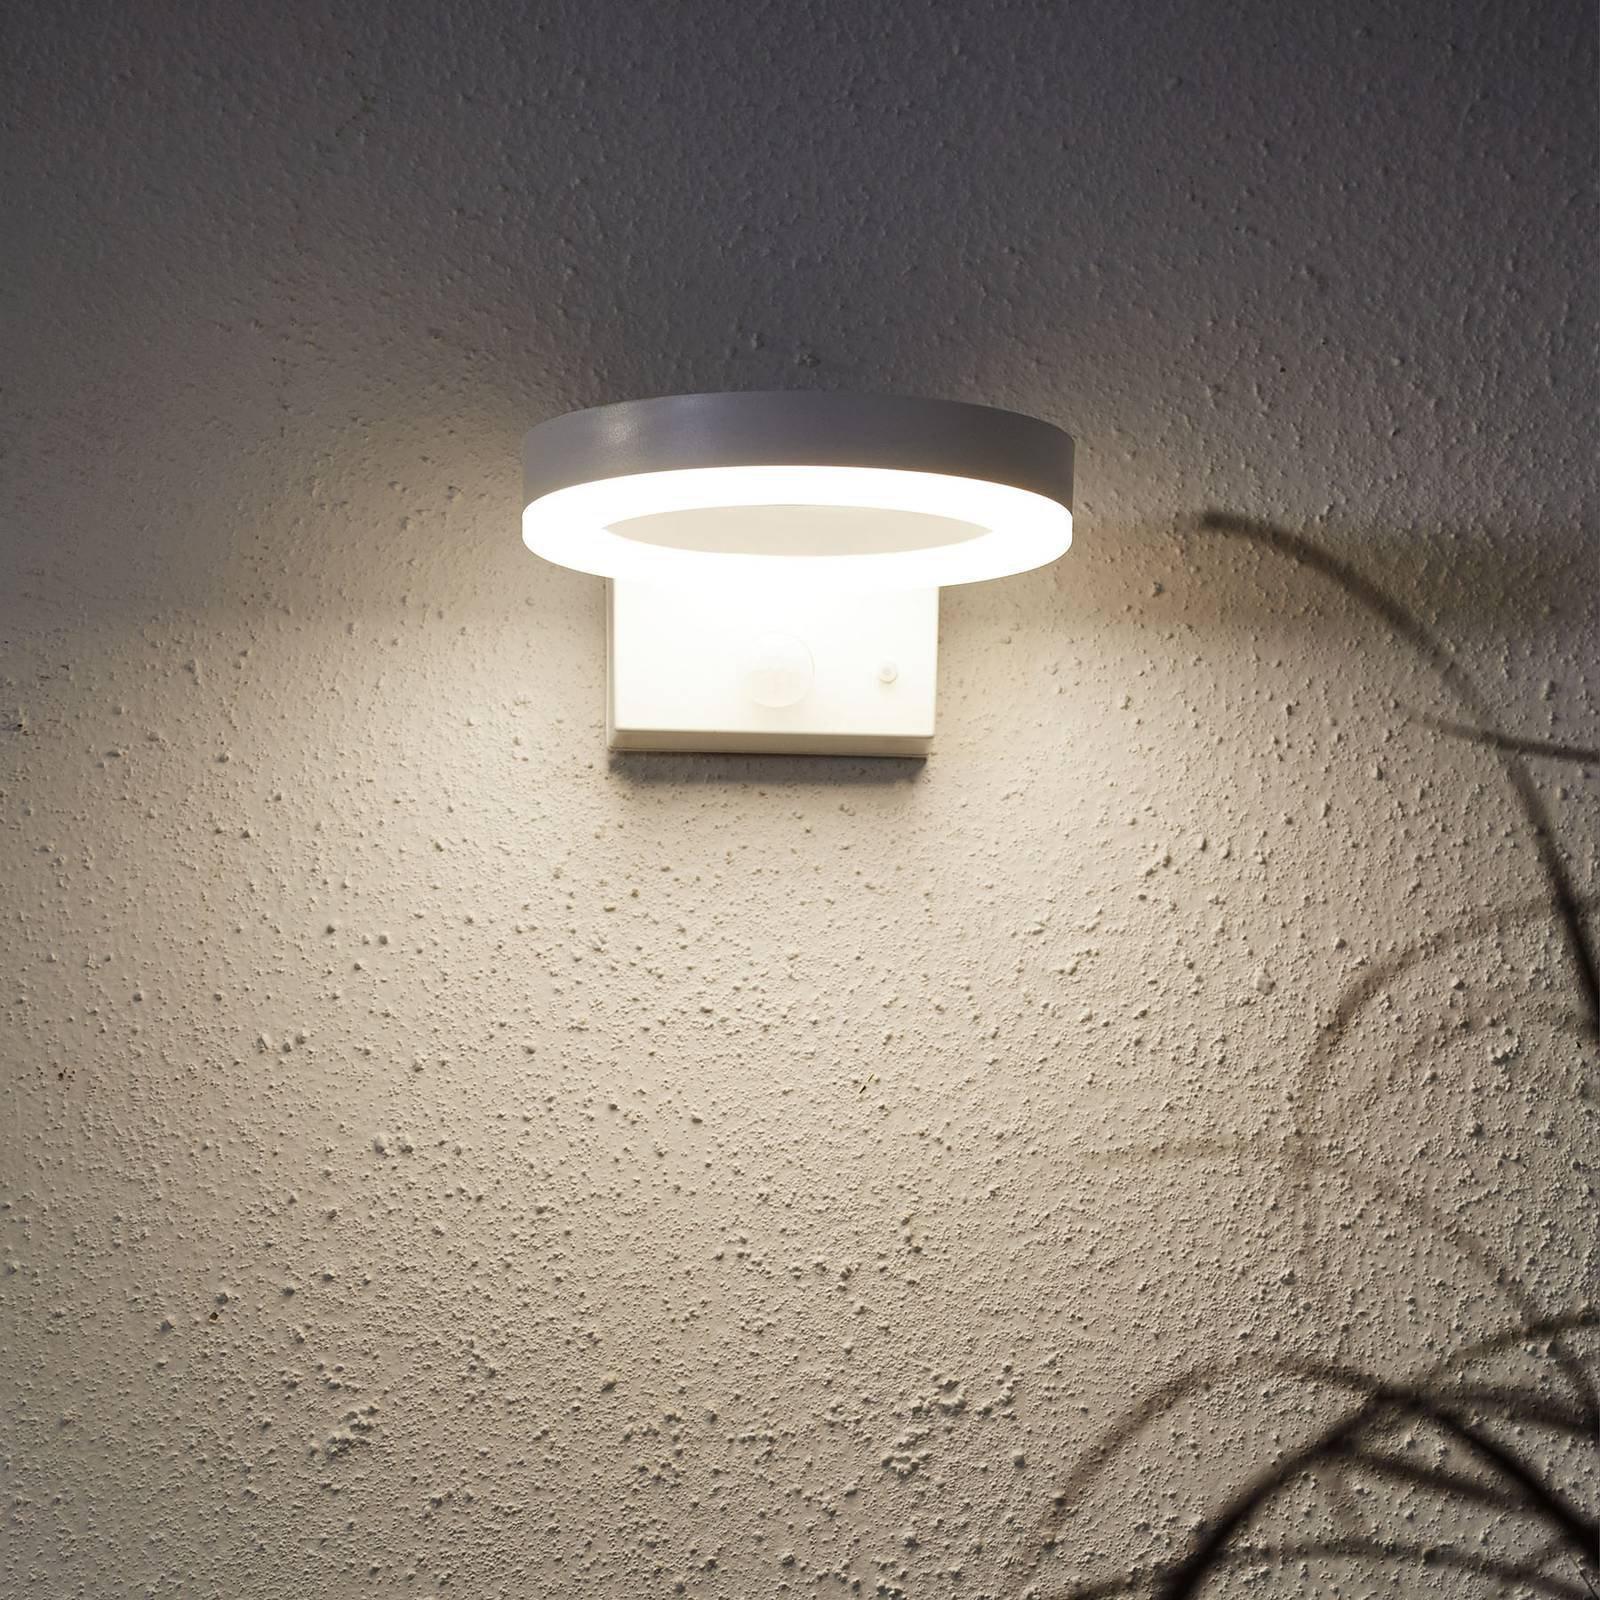 LED-solvegglampe Vidi med bevegelsessensor